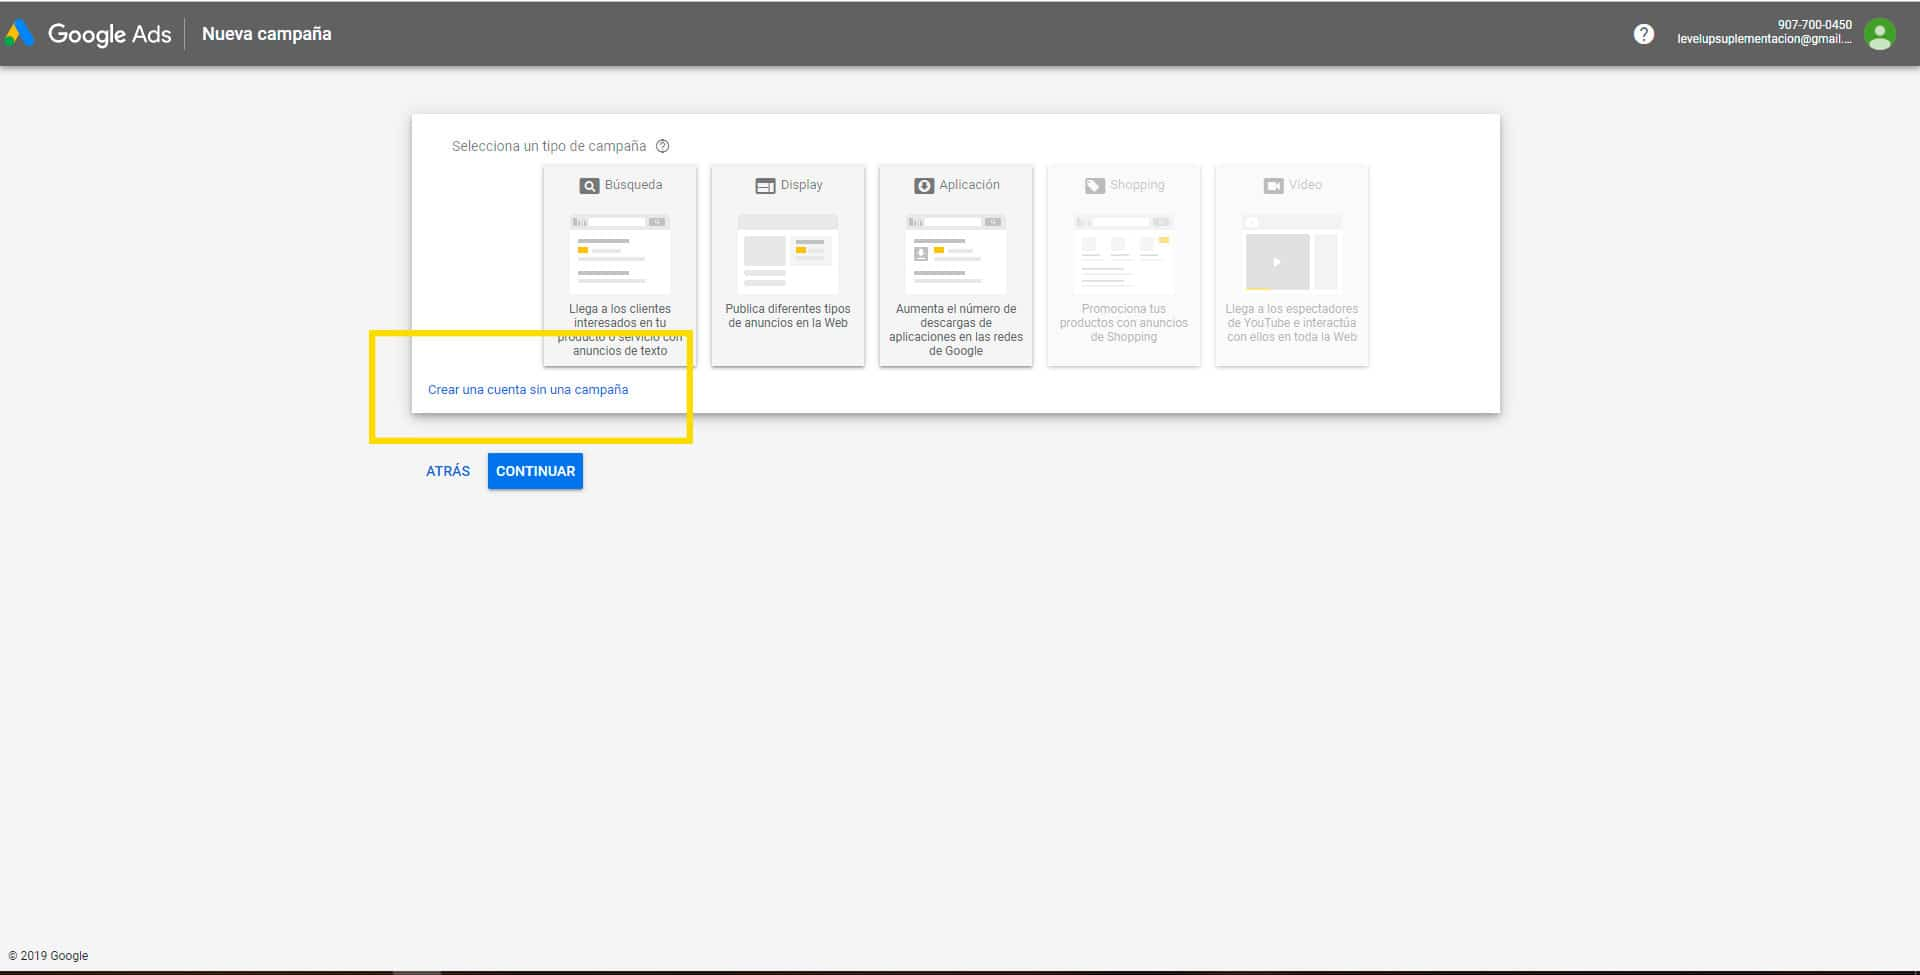 Crear una cuenta de Google Ads: Paso 3